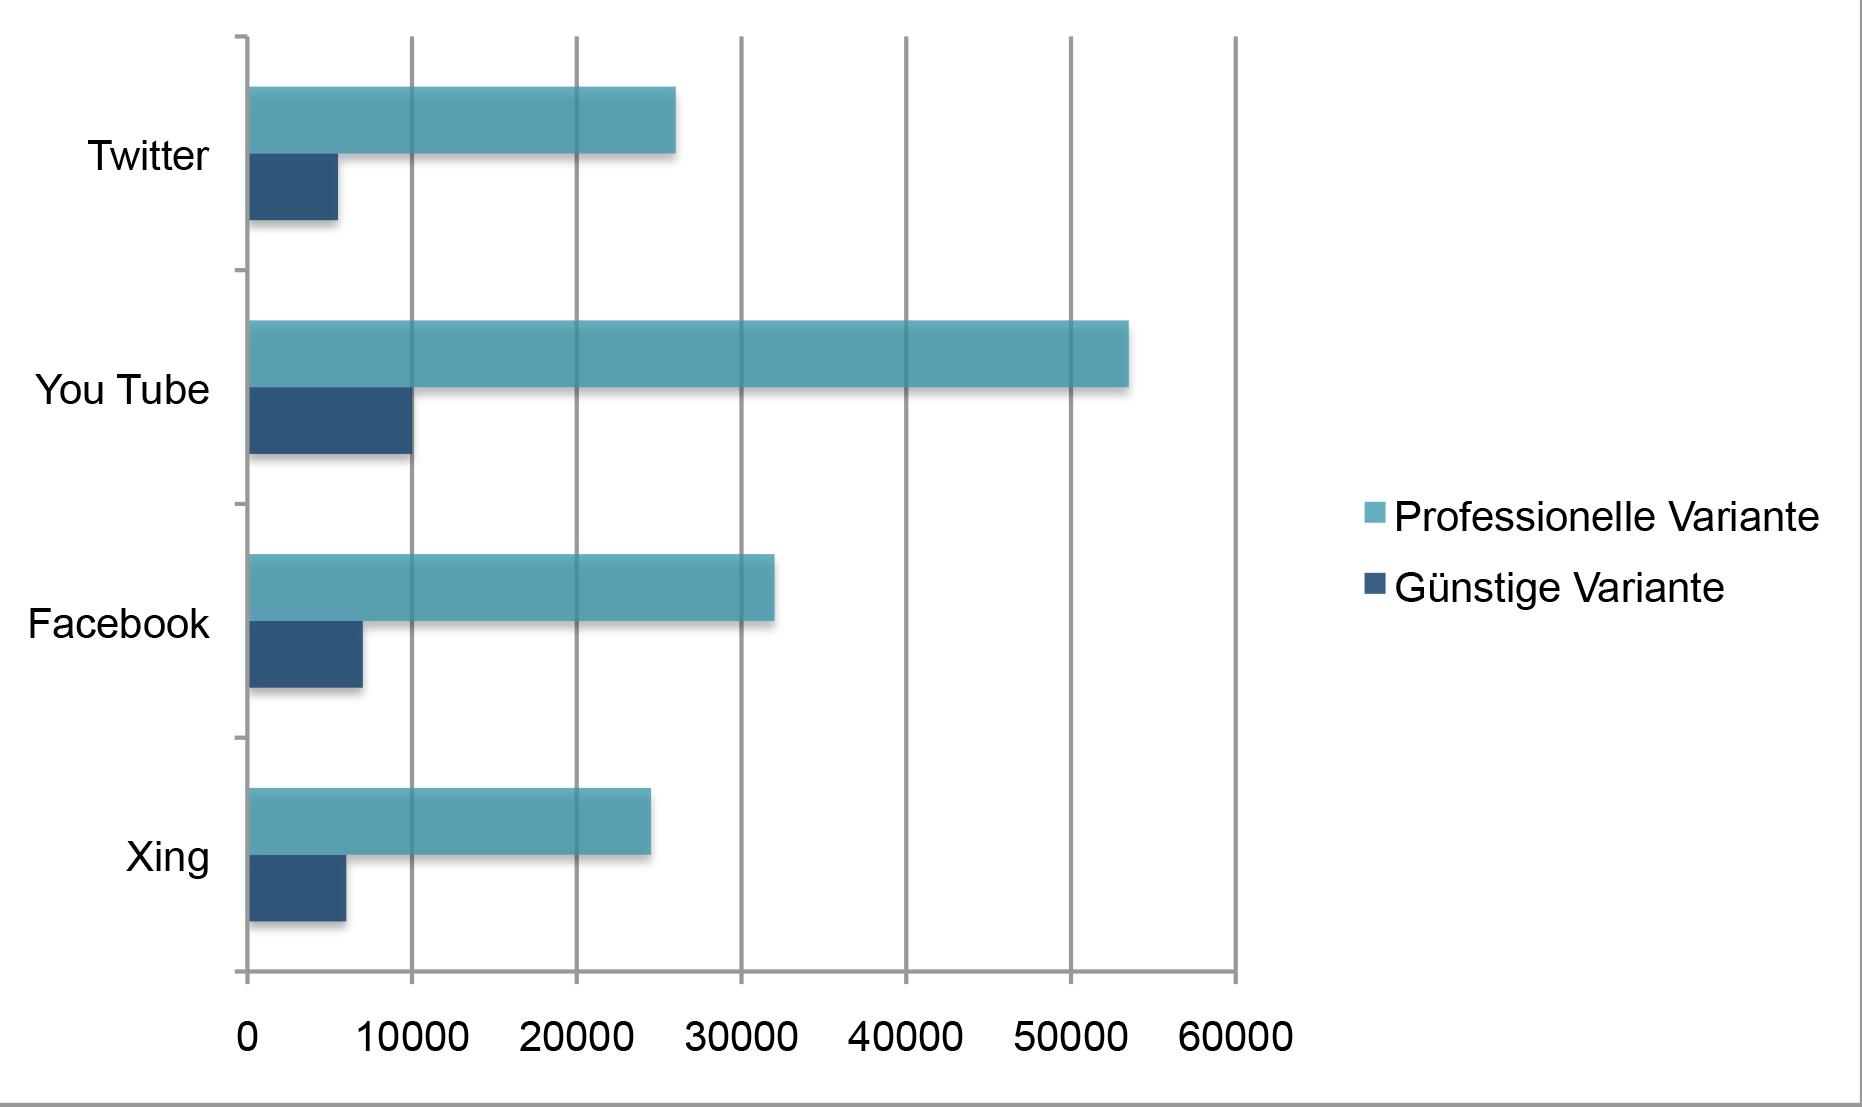 dieses-diagramm-vergleicht-kosten-von-recruiting